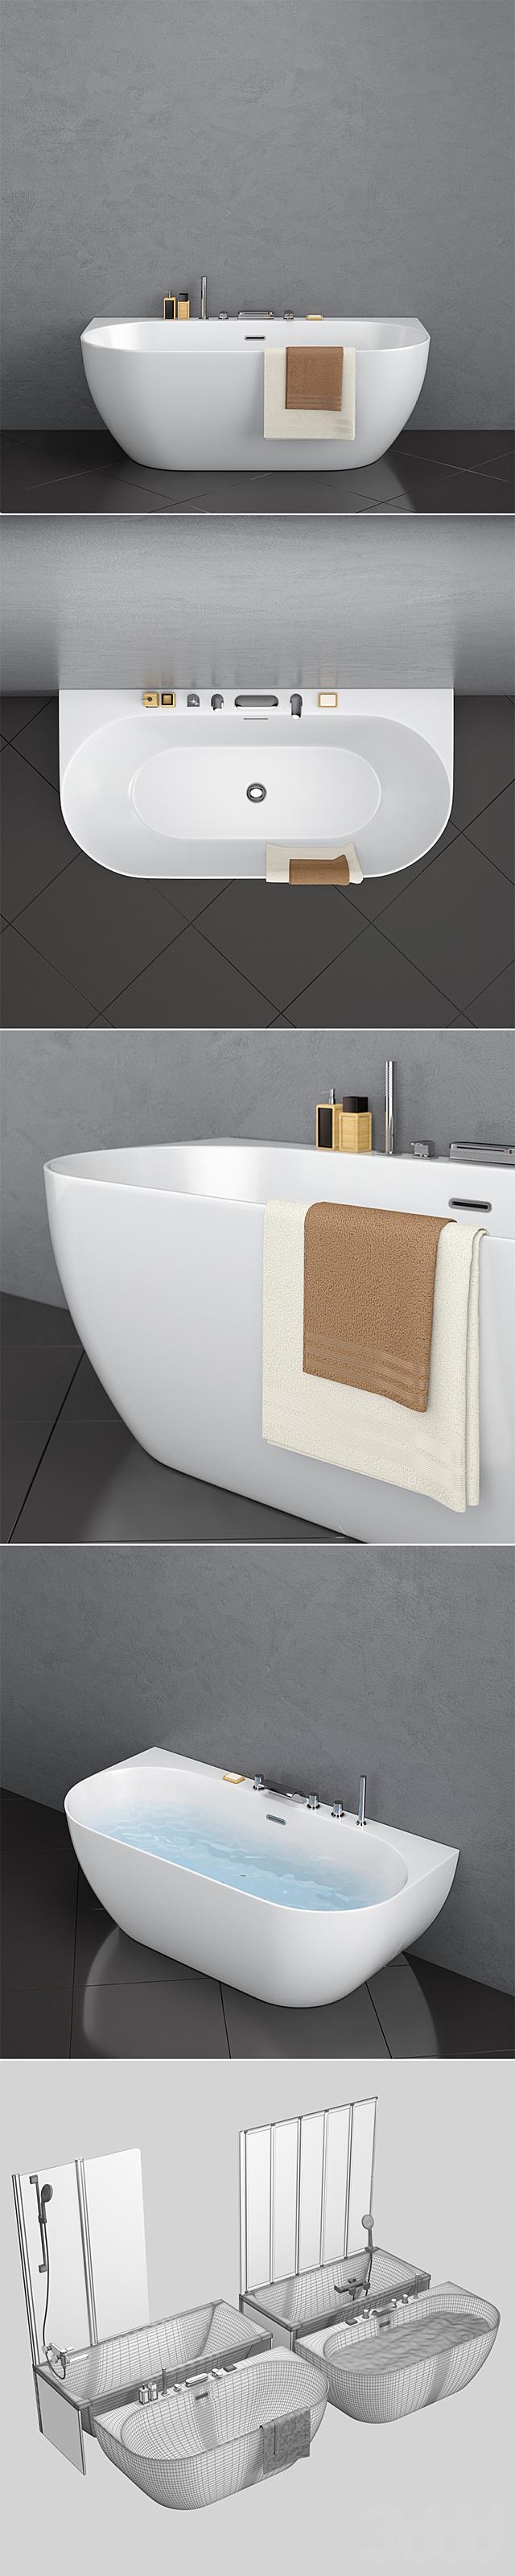 Набор ванн Ravak set 17 (Classic и Freedom W в 2-х вариантах)